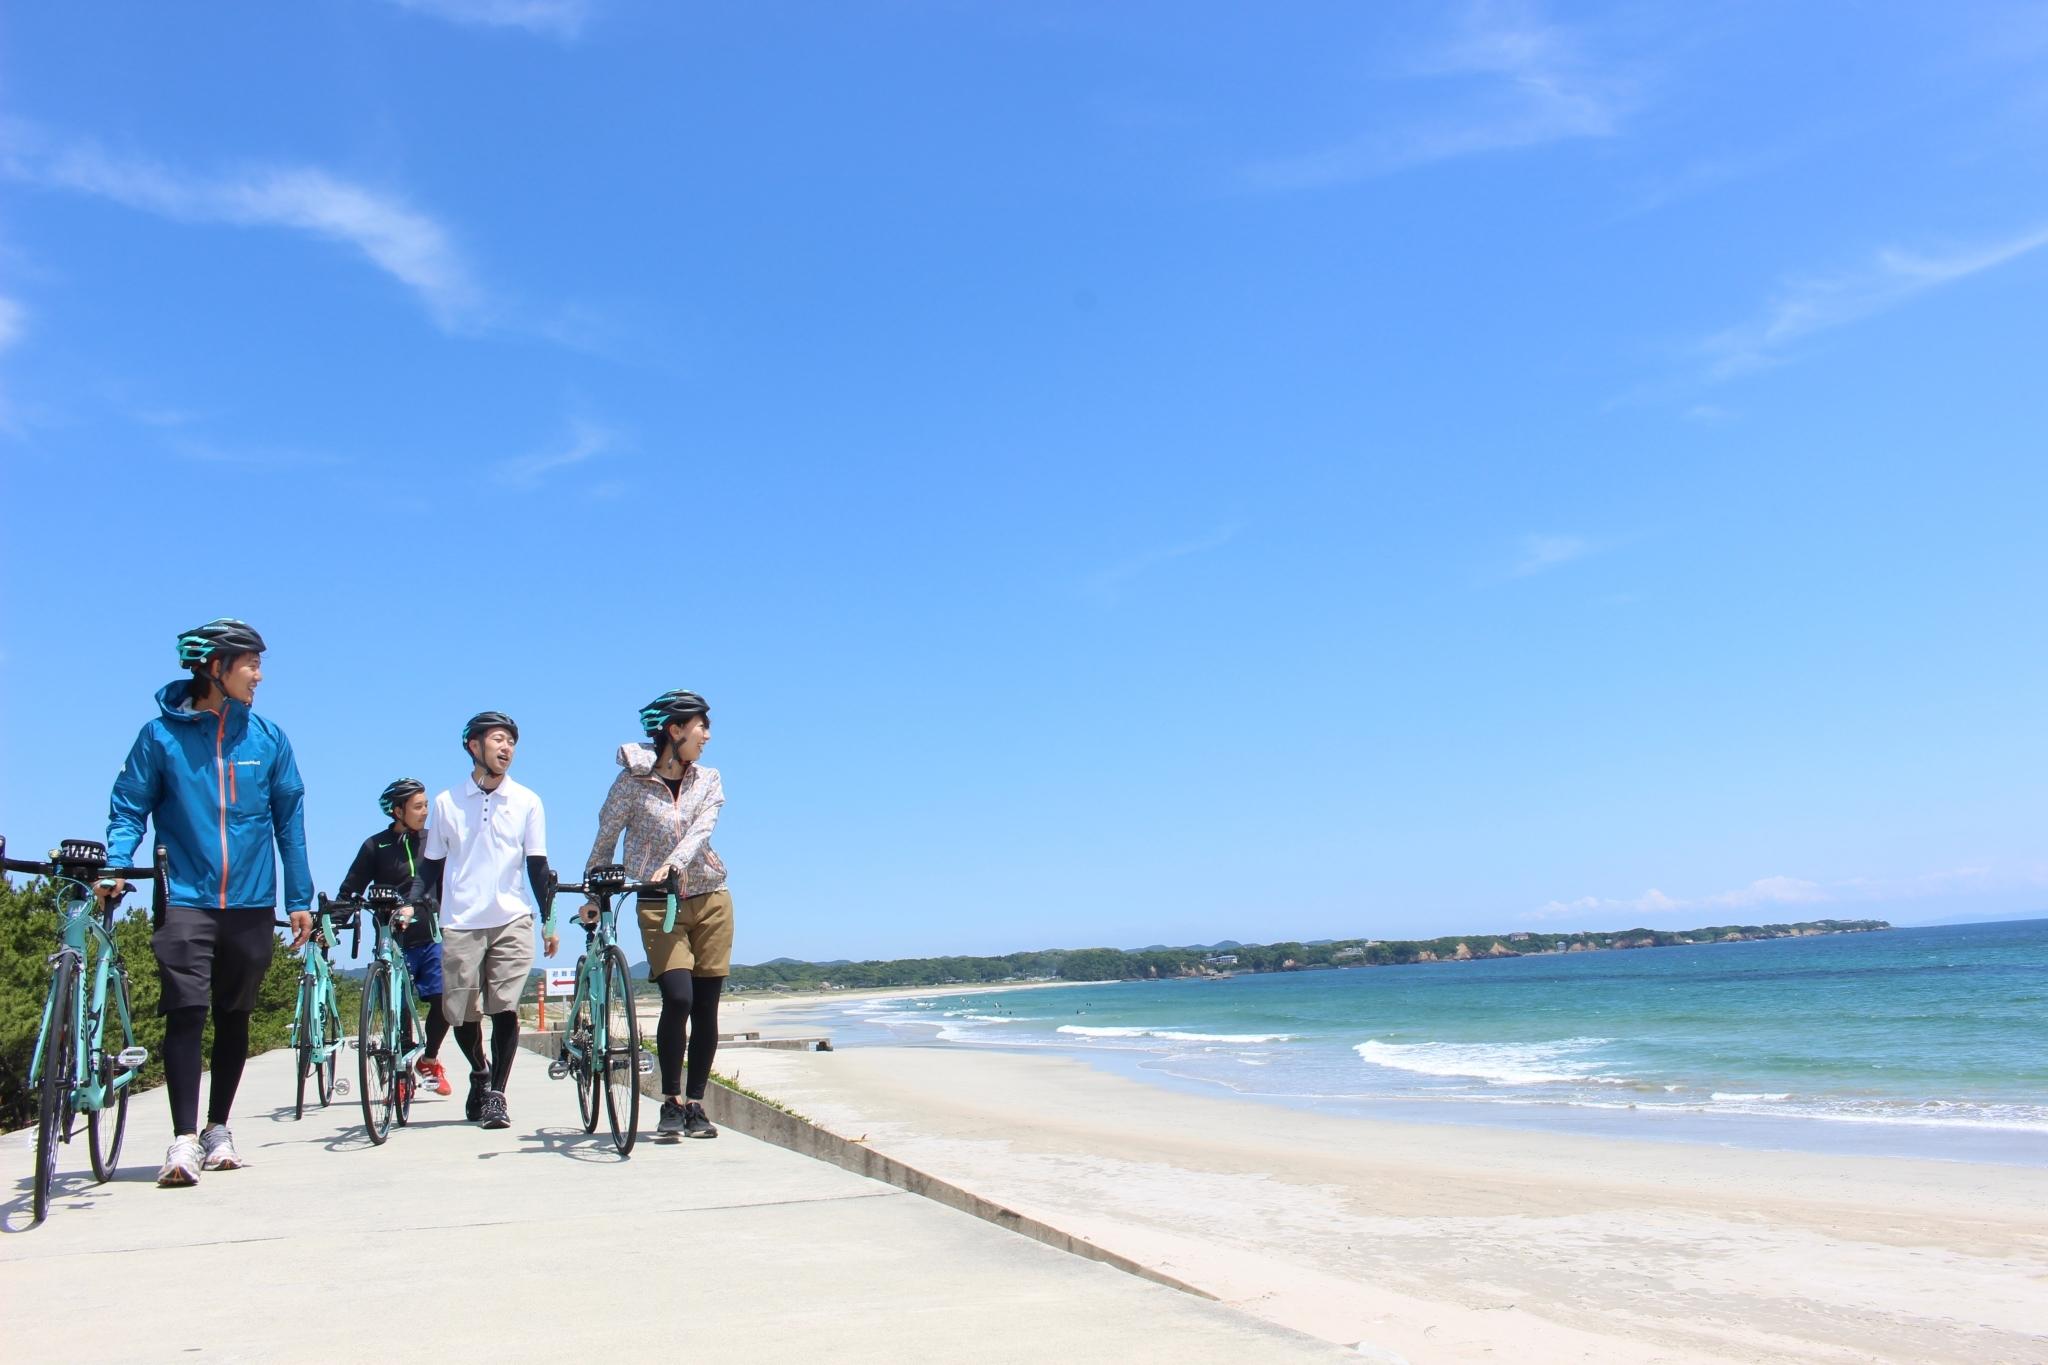 Tour à vélo autour de la baie d'Ago